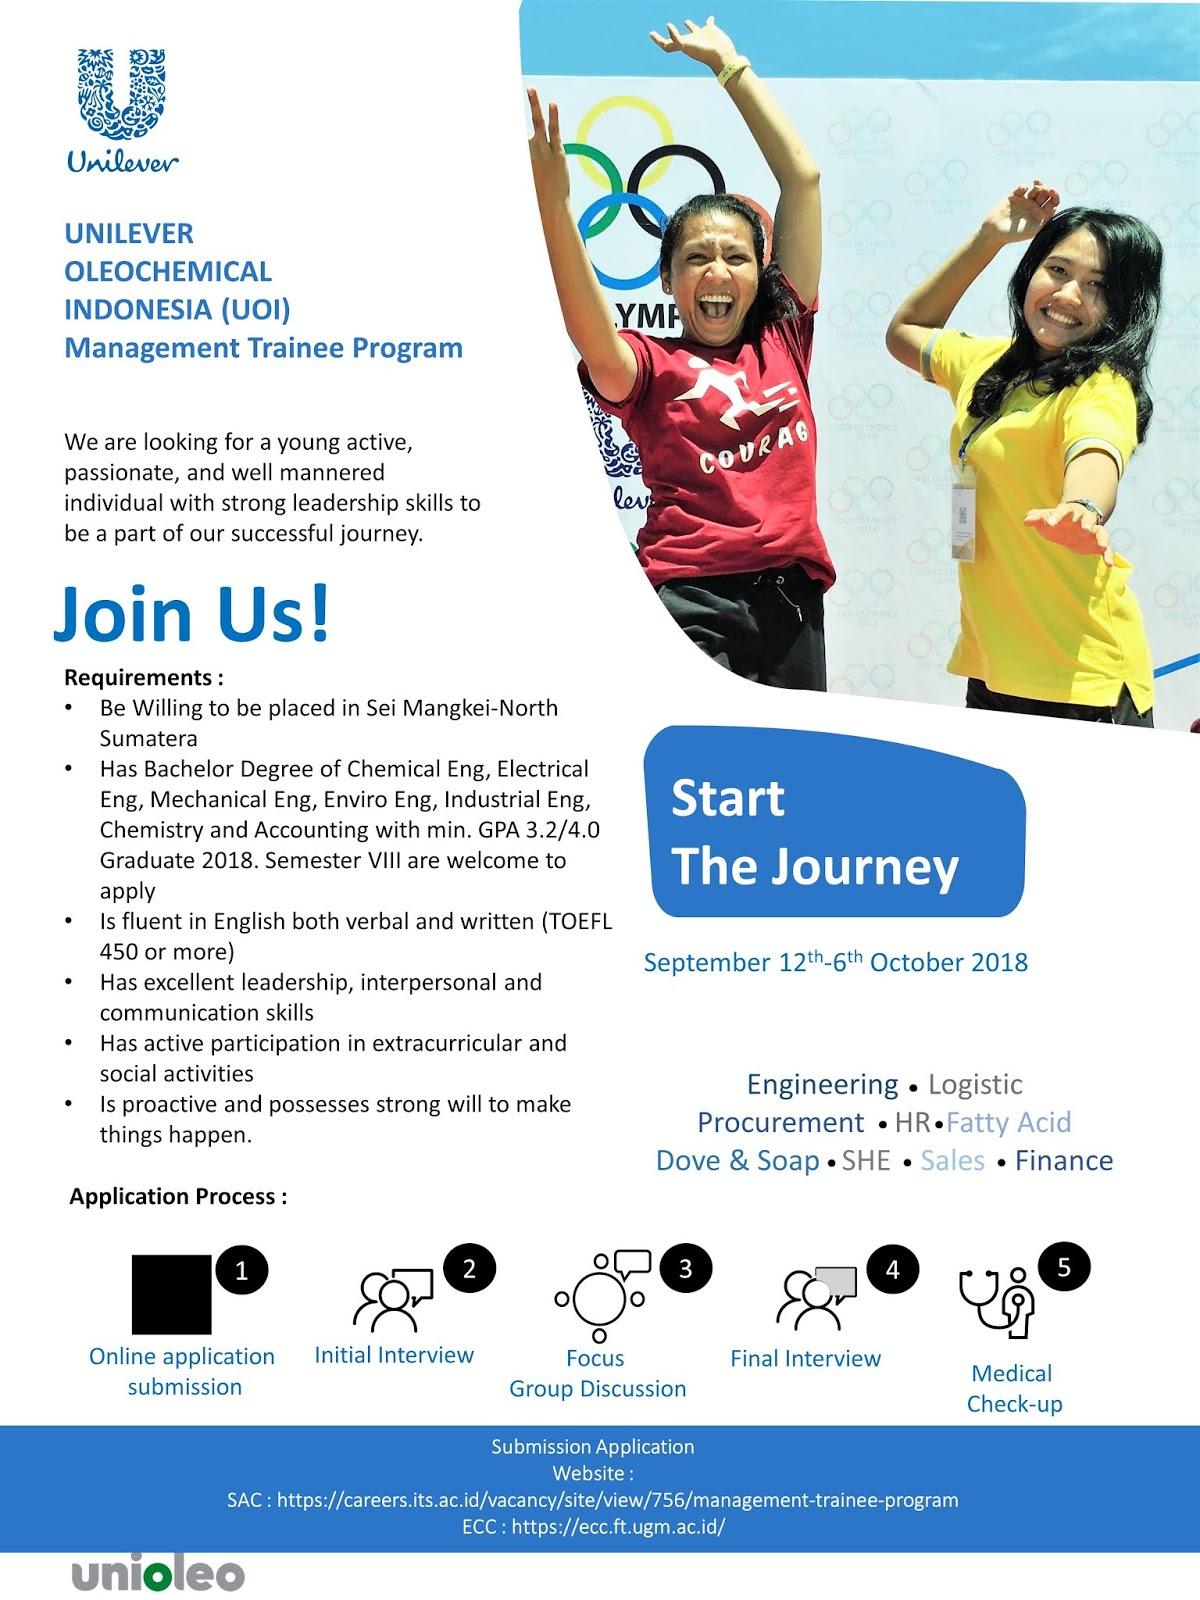 Lowongan Kerja Lowongan Kerja Unilever Oleochemical Indonesia Management Trainee Program